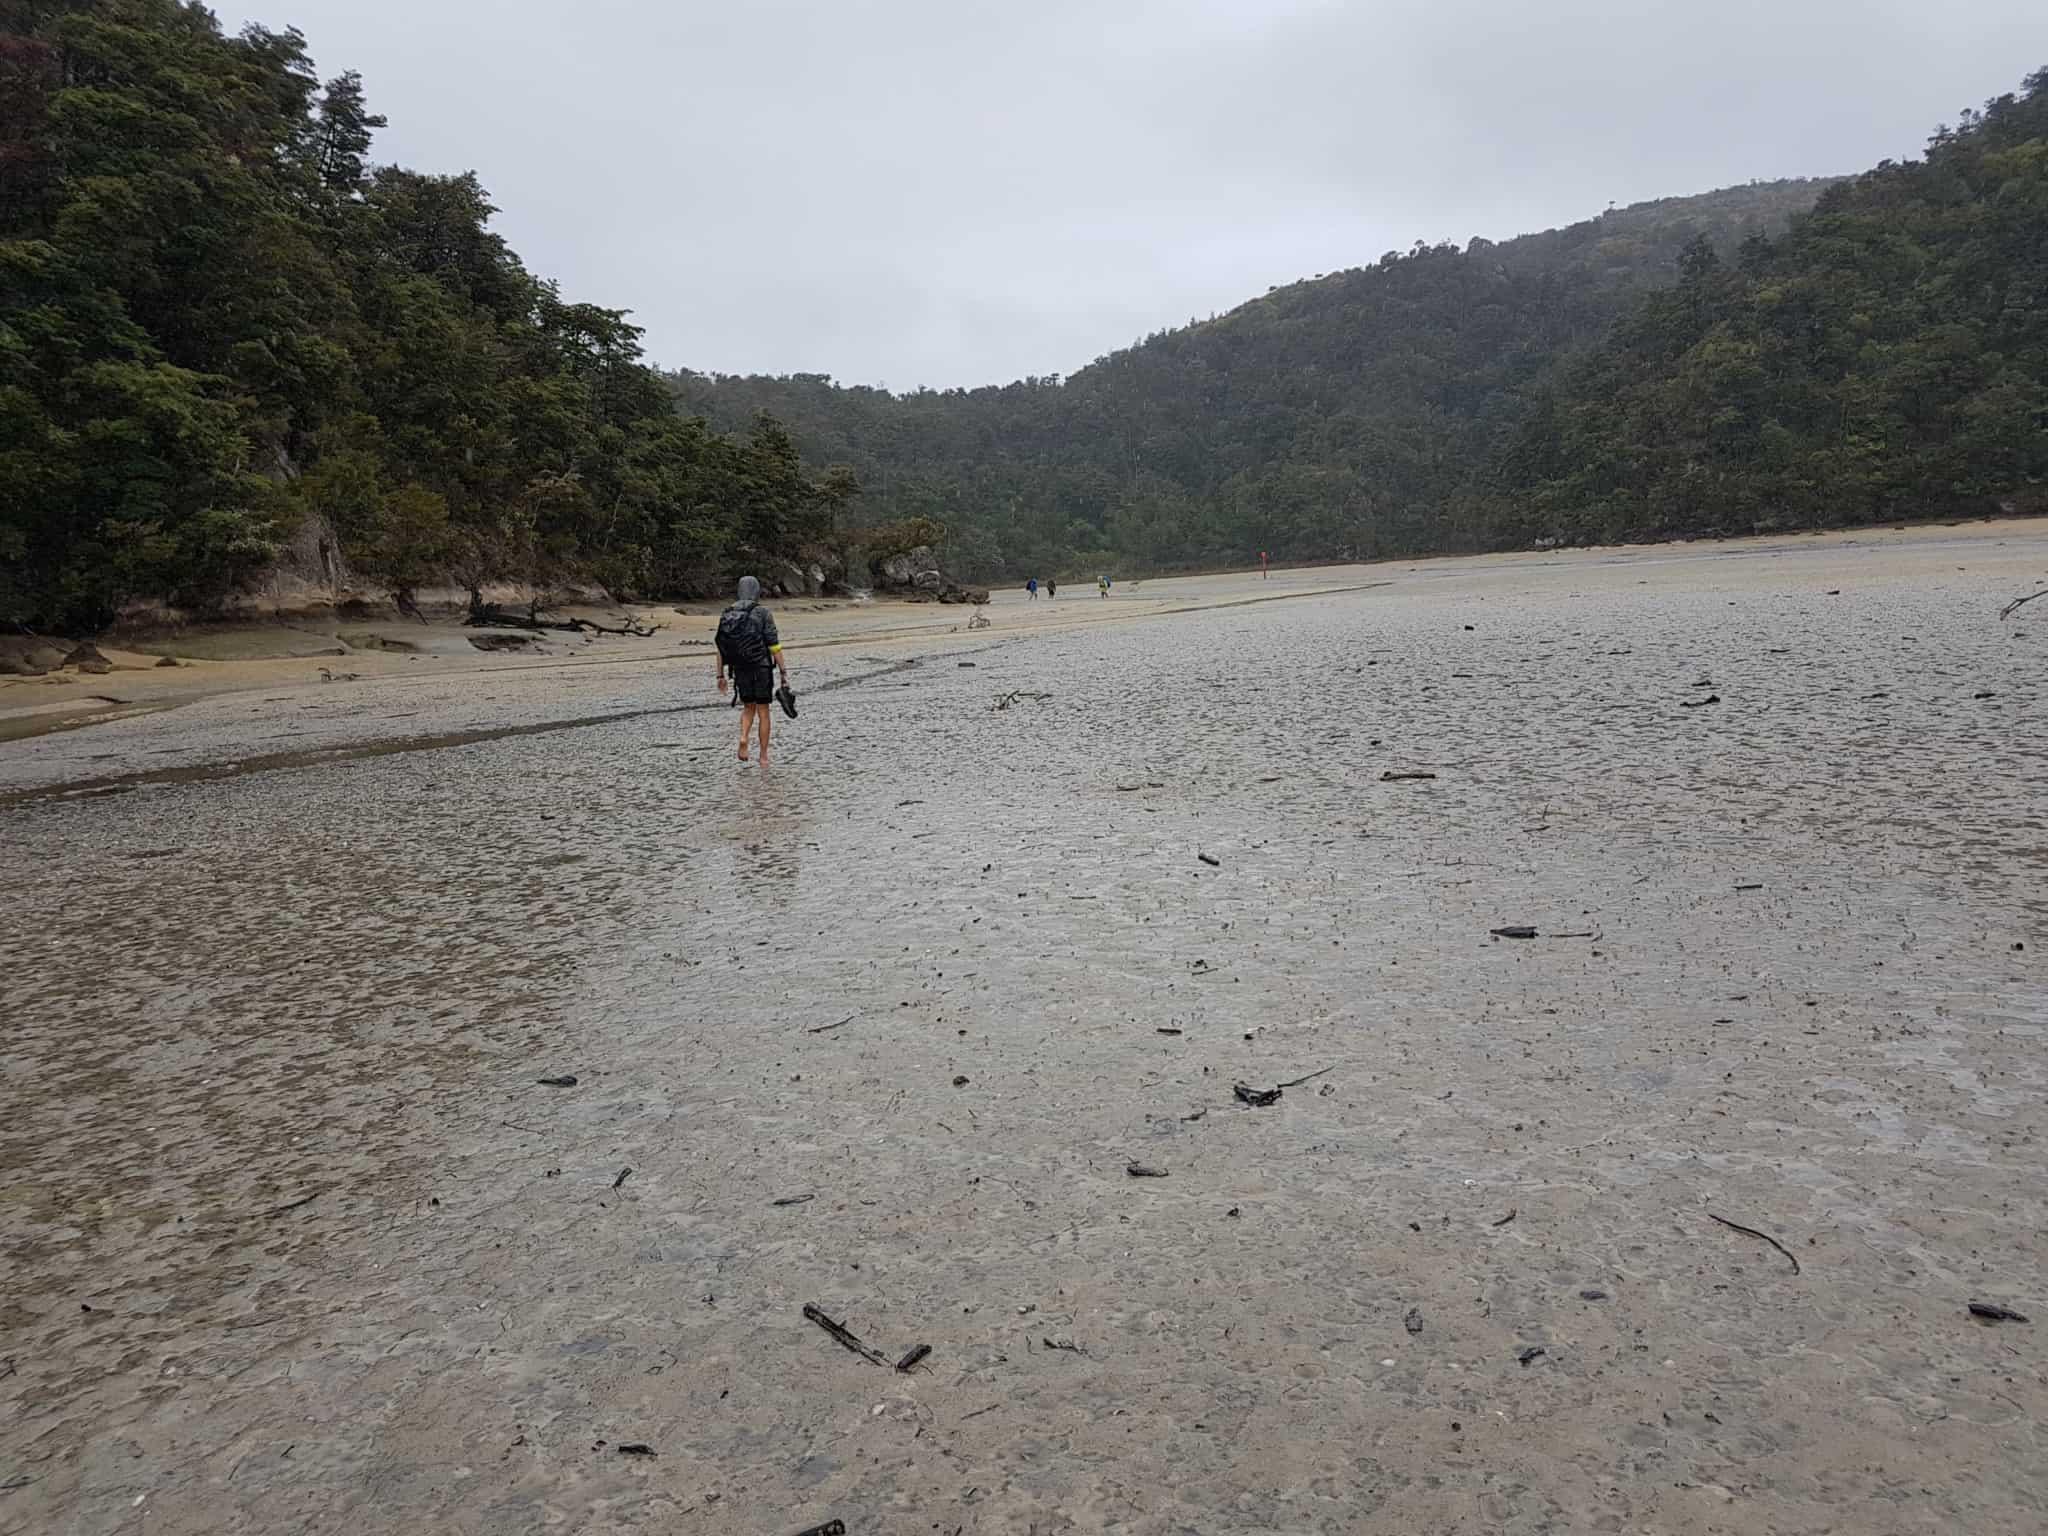 Nouvelle-Zélande, 24 km de randonnée sous la pluie dans le parc d'Abel Tasman 🌧 26